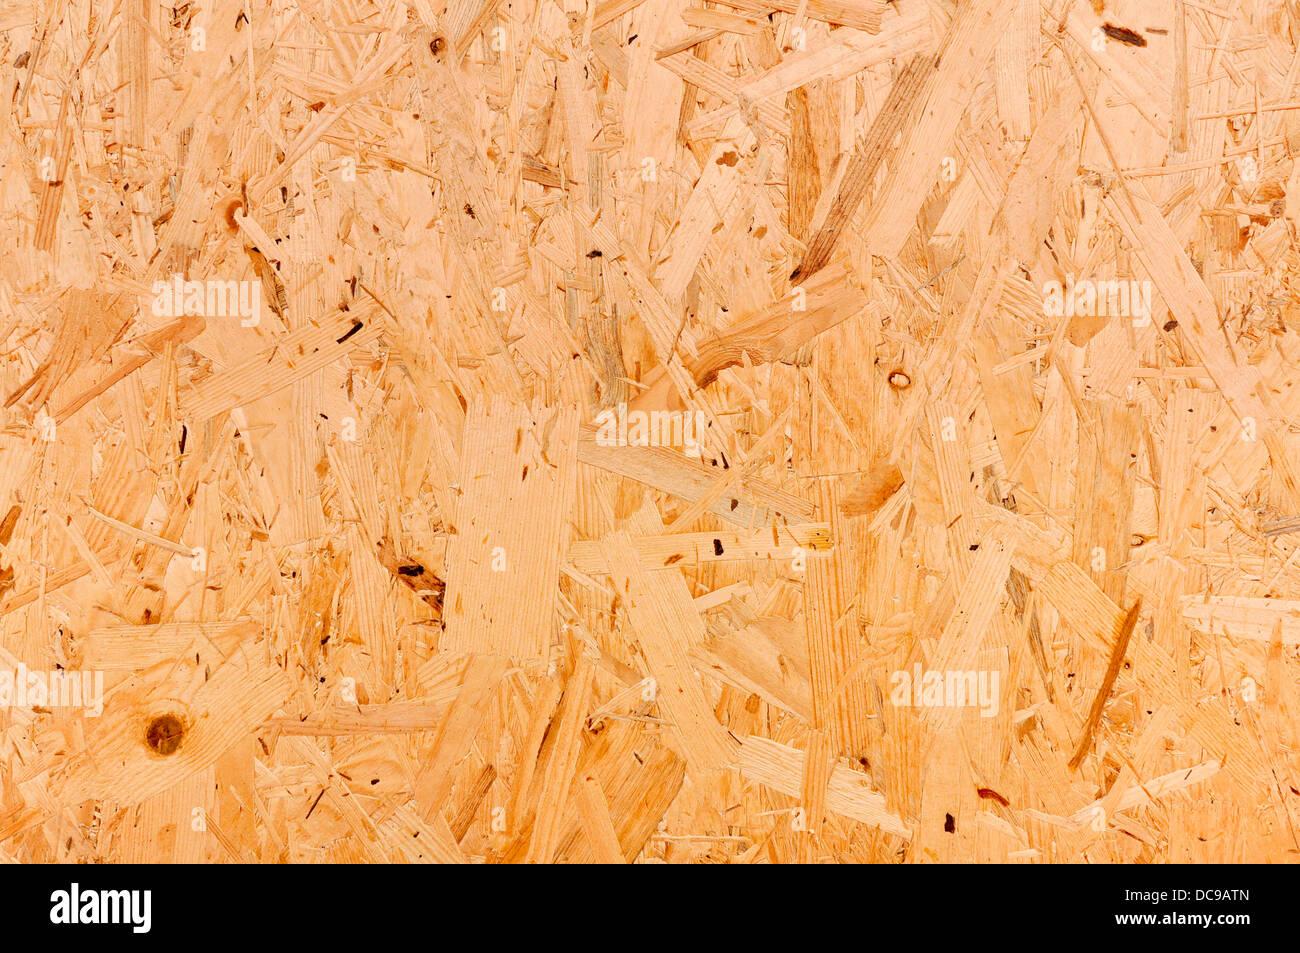 Morceau De Bois Brut panneaux de particules ou mdf board, planche de bois